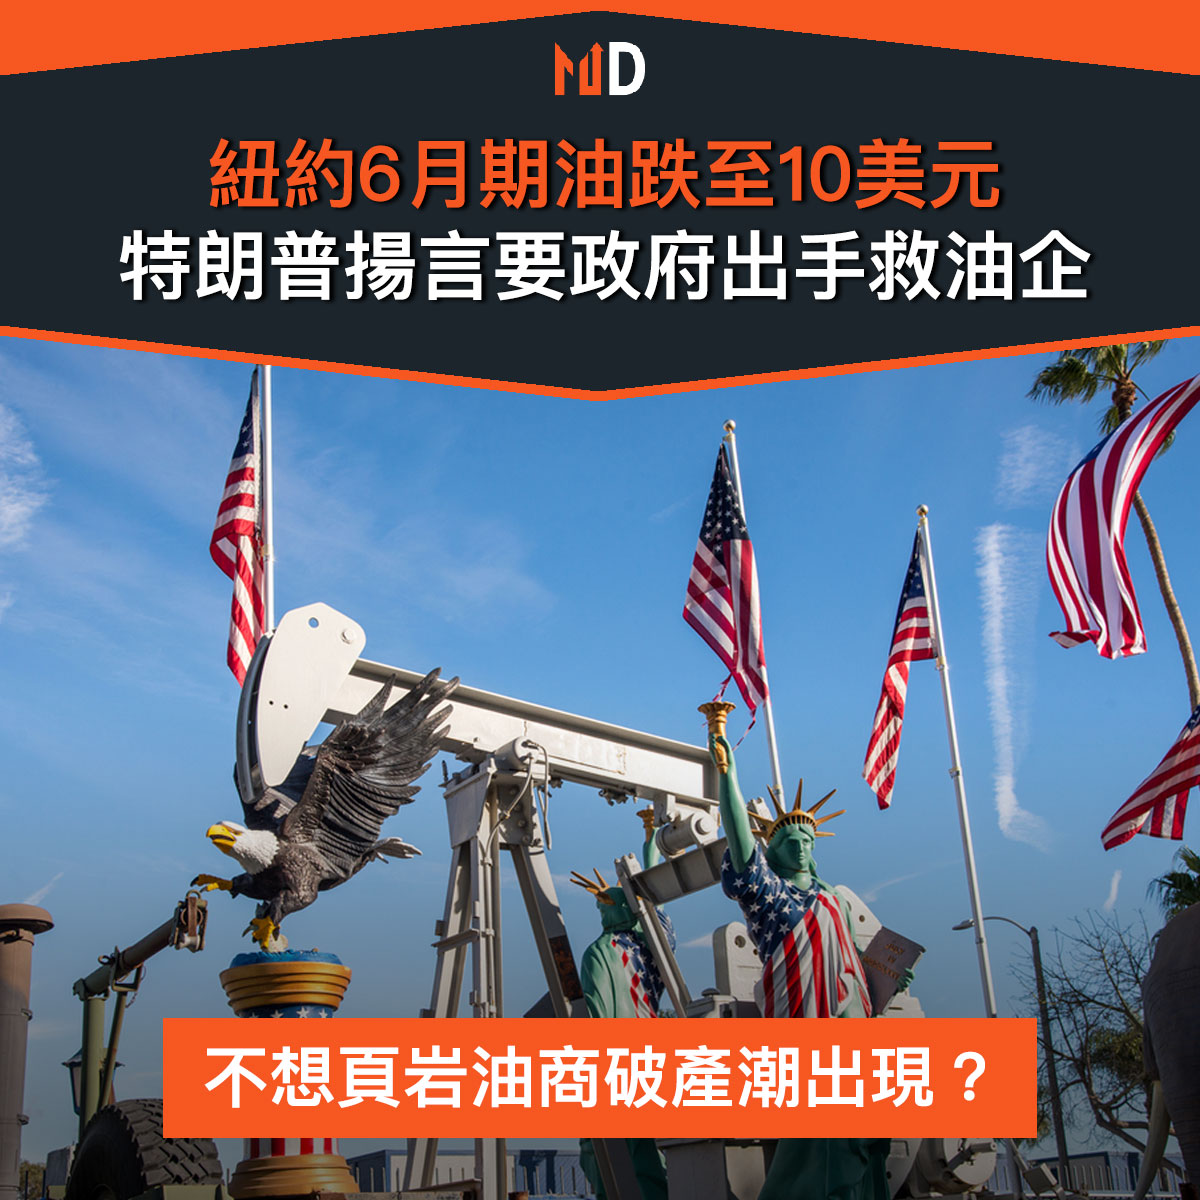 【市場熱話】紐約6月期油跌至10美元,特朗普揚言要政府出手救油企